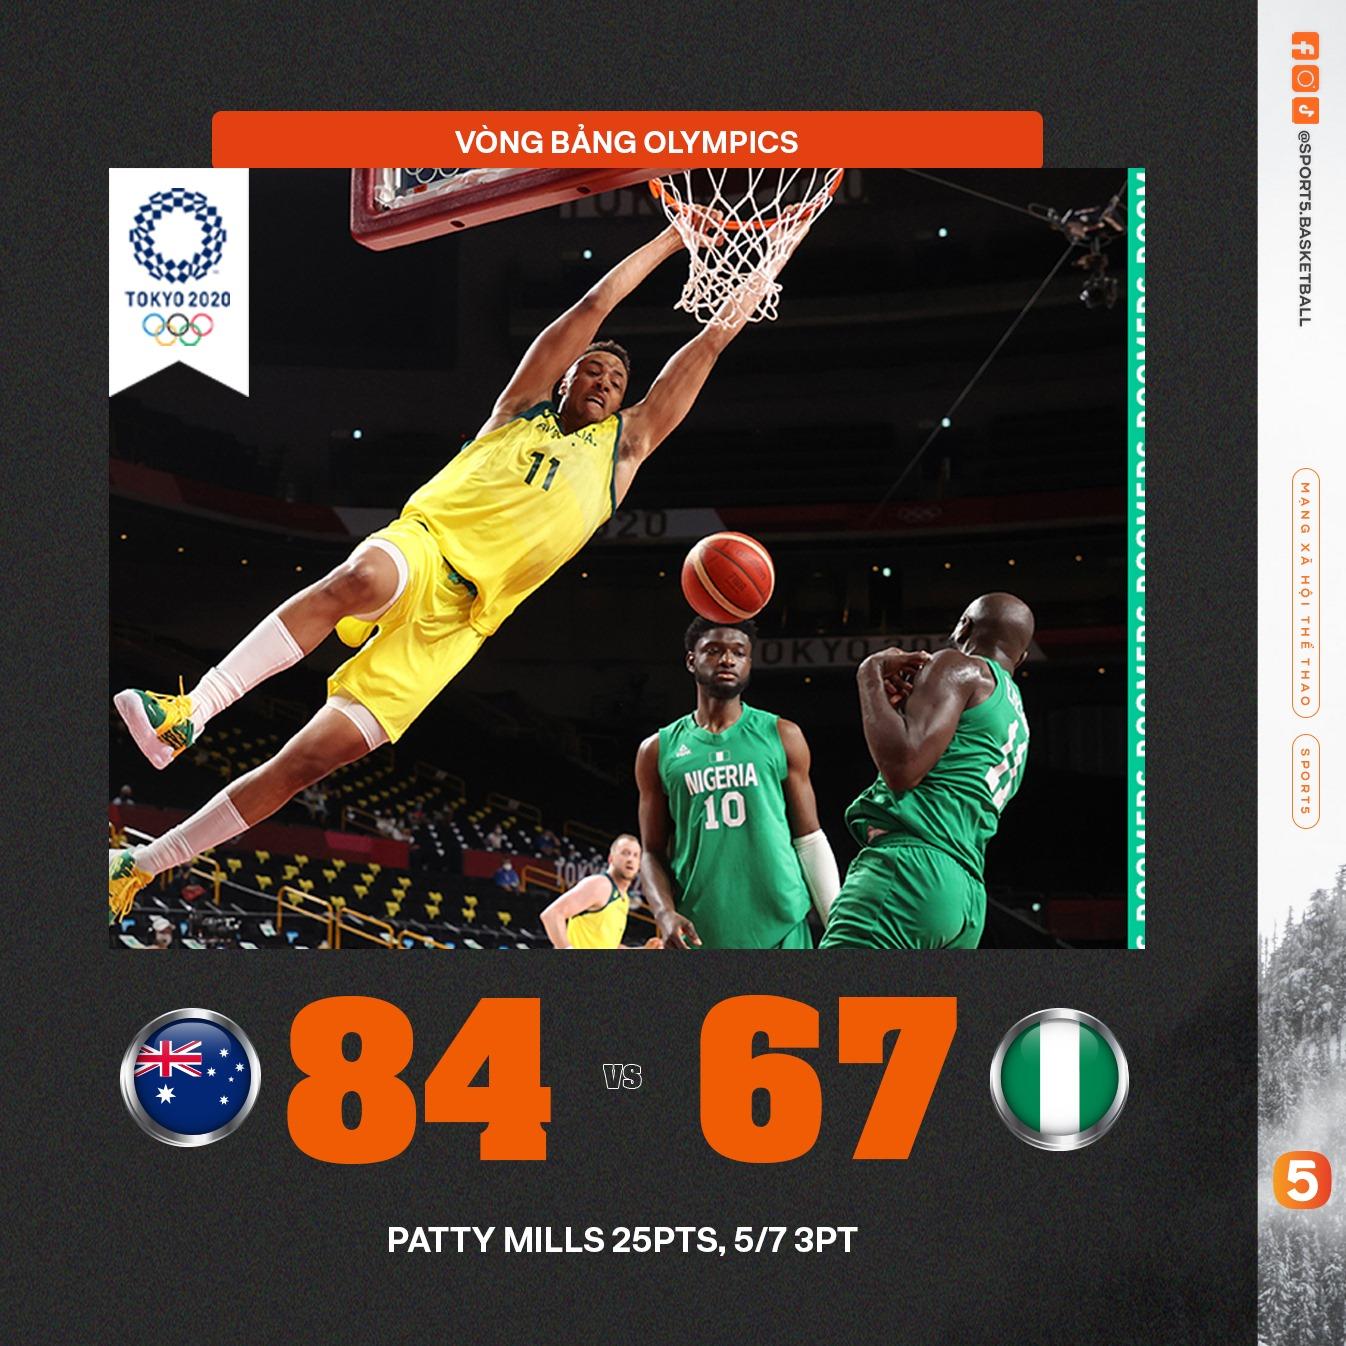 Tổng hợp kết quả ngày thi đấu thứ 1 Bóng rổ Olympics: Cú sốc mang tên ĐT Mỹ - Ảnh 4.